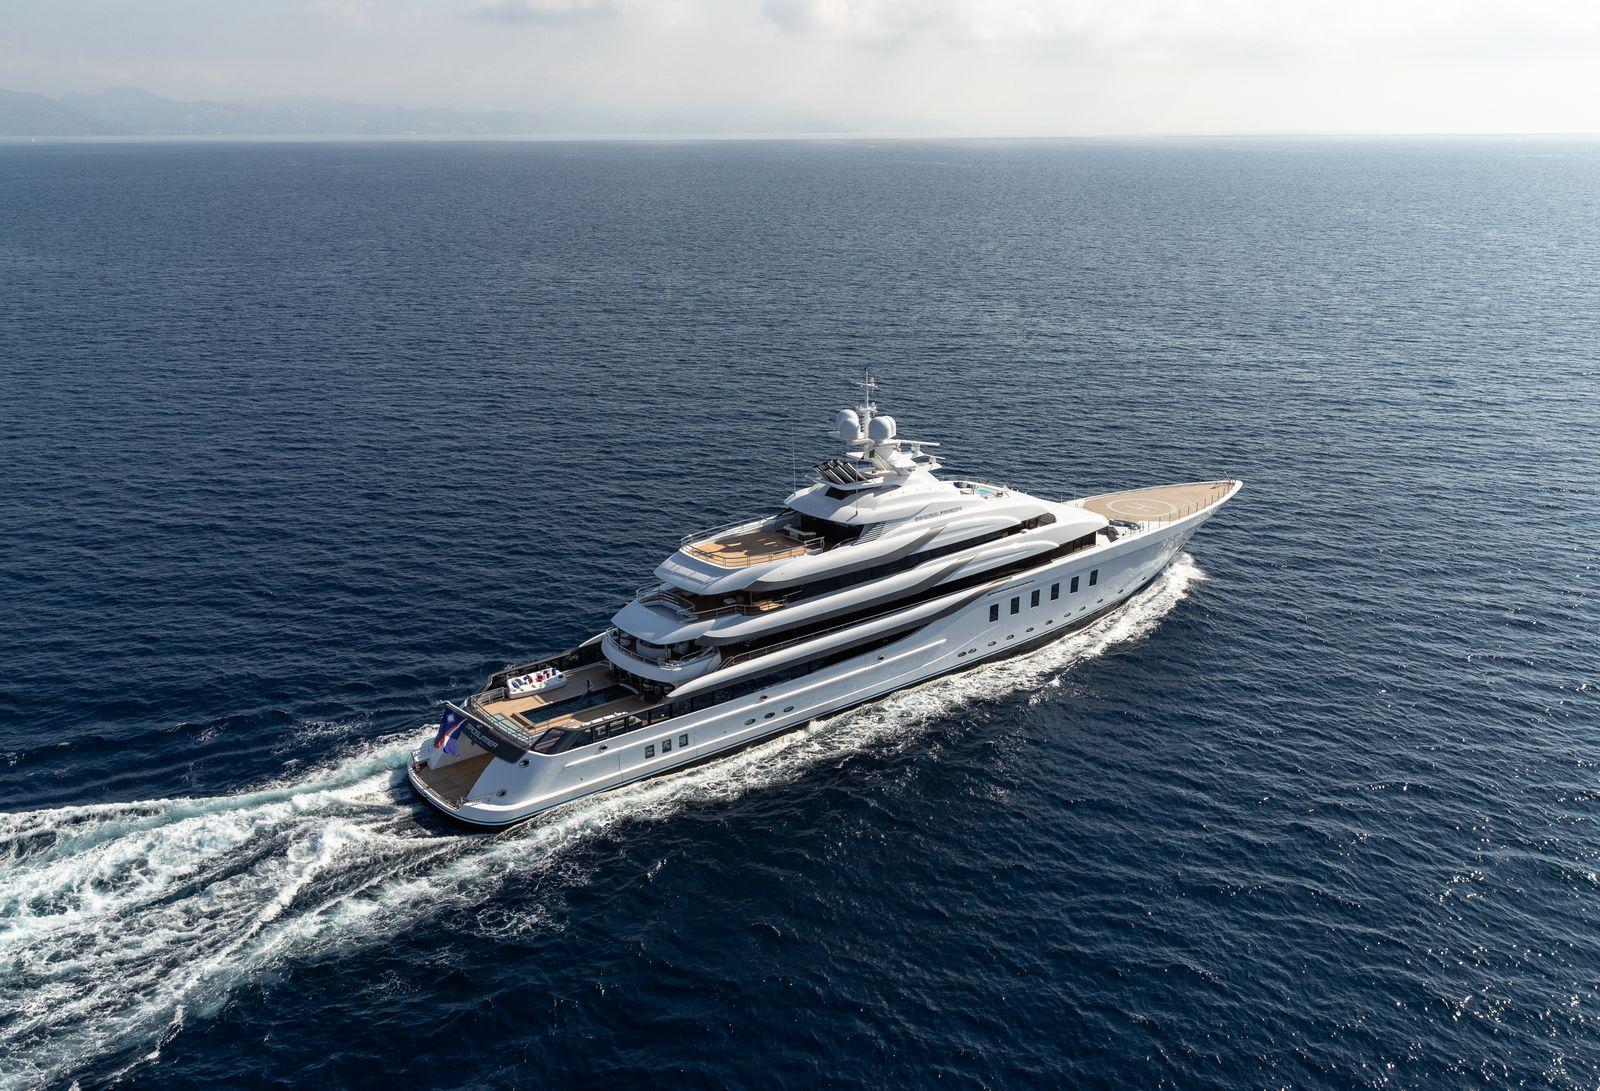 Madsummer 95 m / Yacht / Luerssen